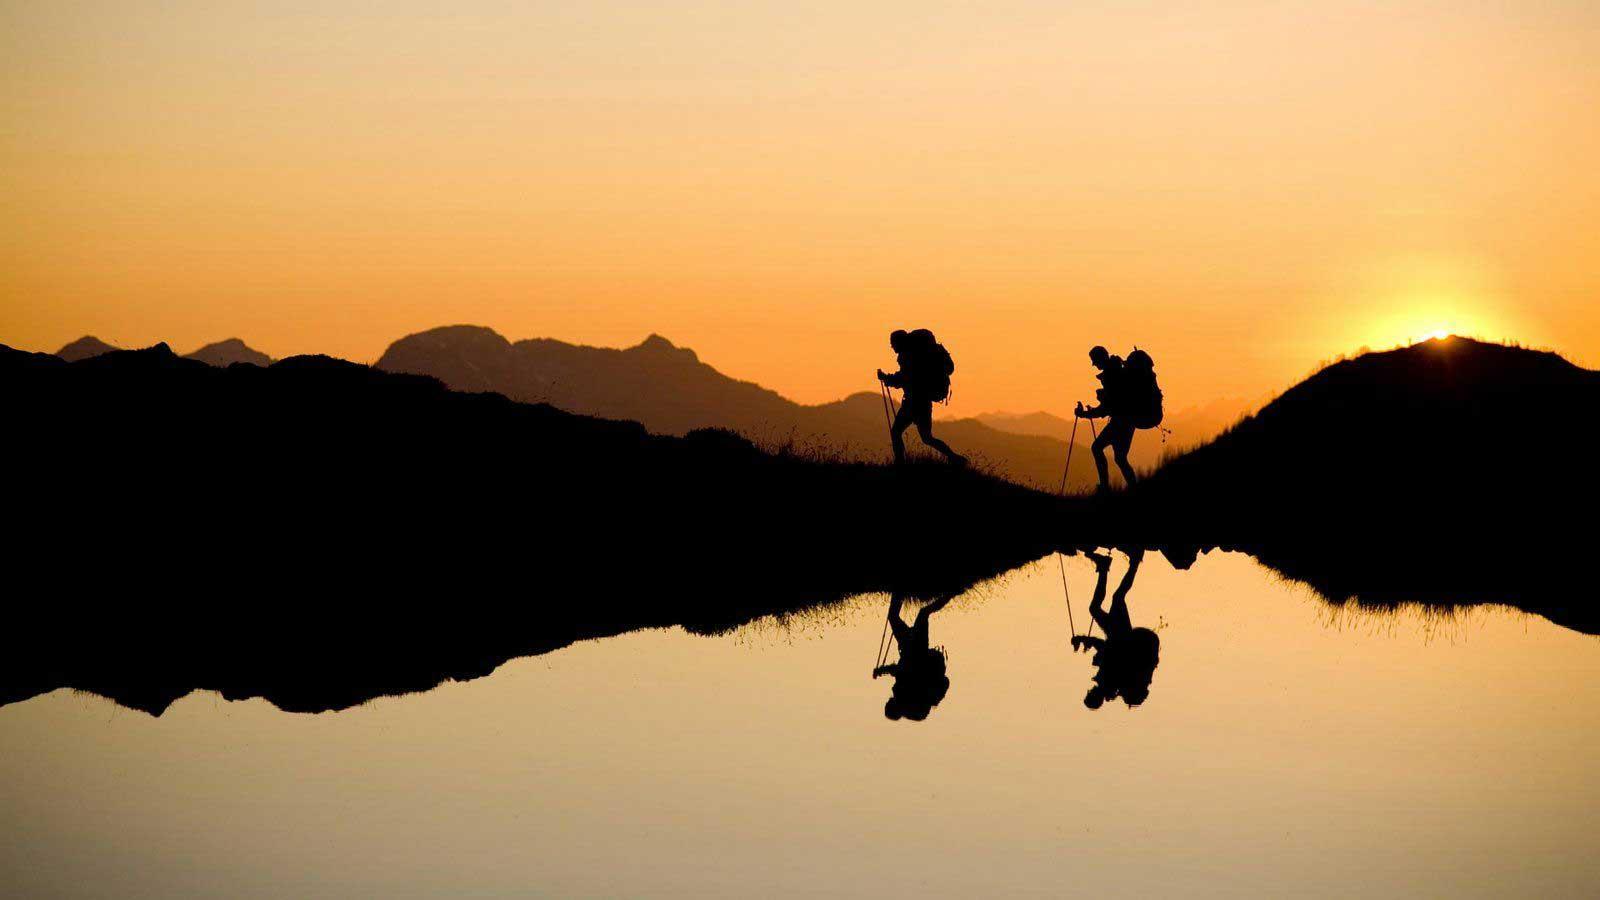 Adventure Quotes Pictures Images: Trekking: Consejos Para No Morir En El Intento